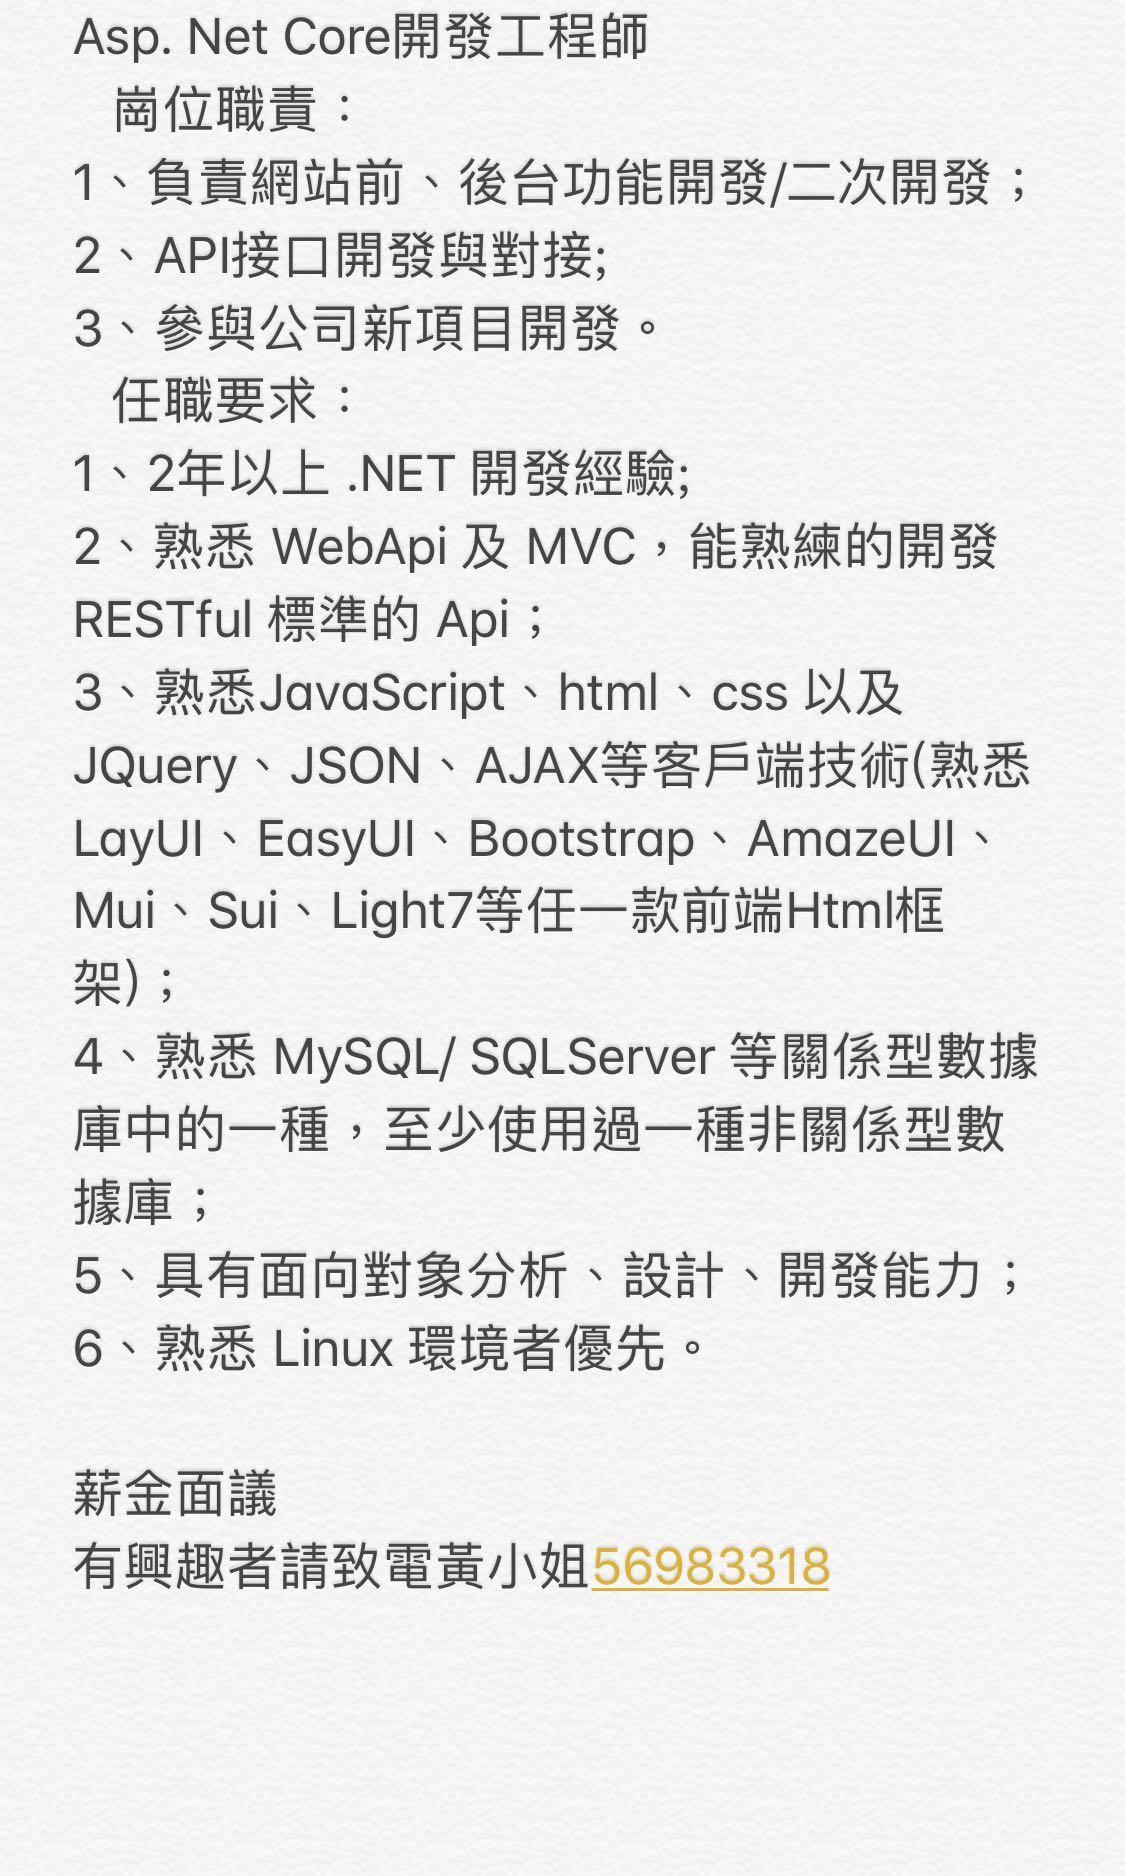 Asp. Net Core開發工程師